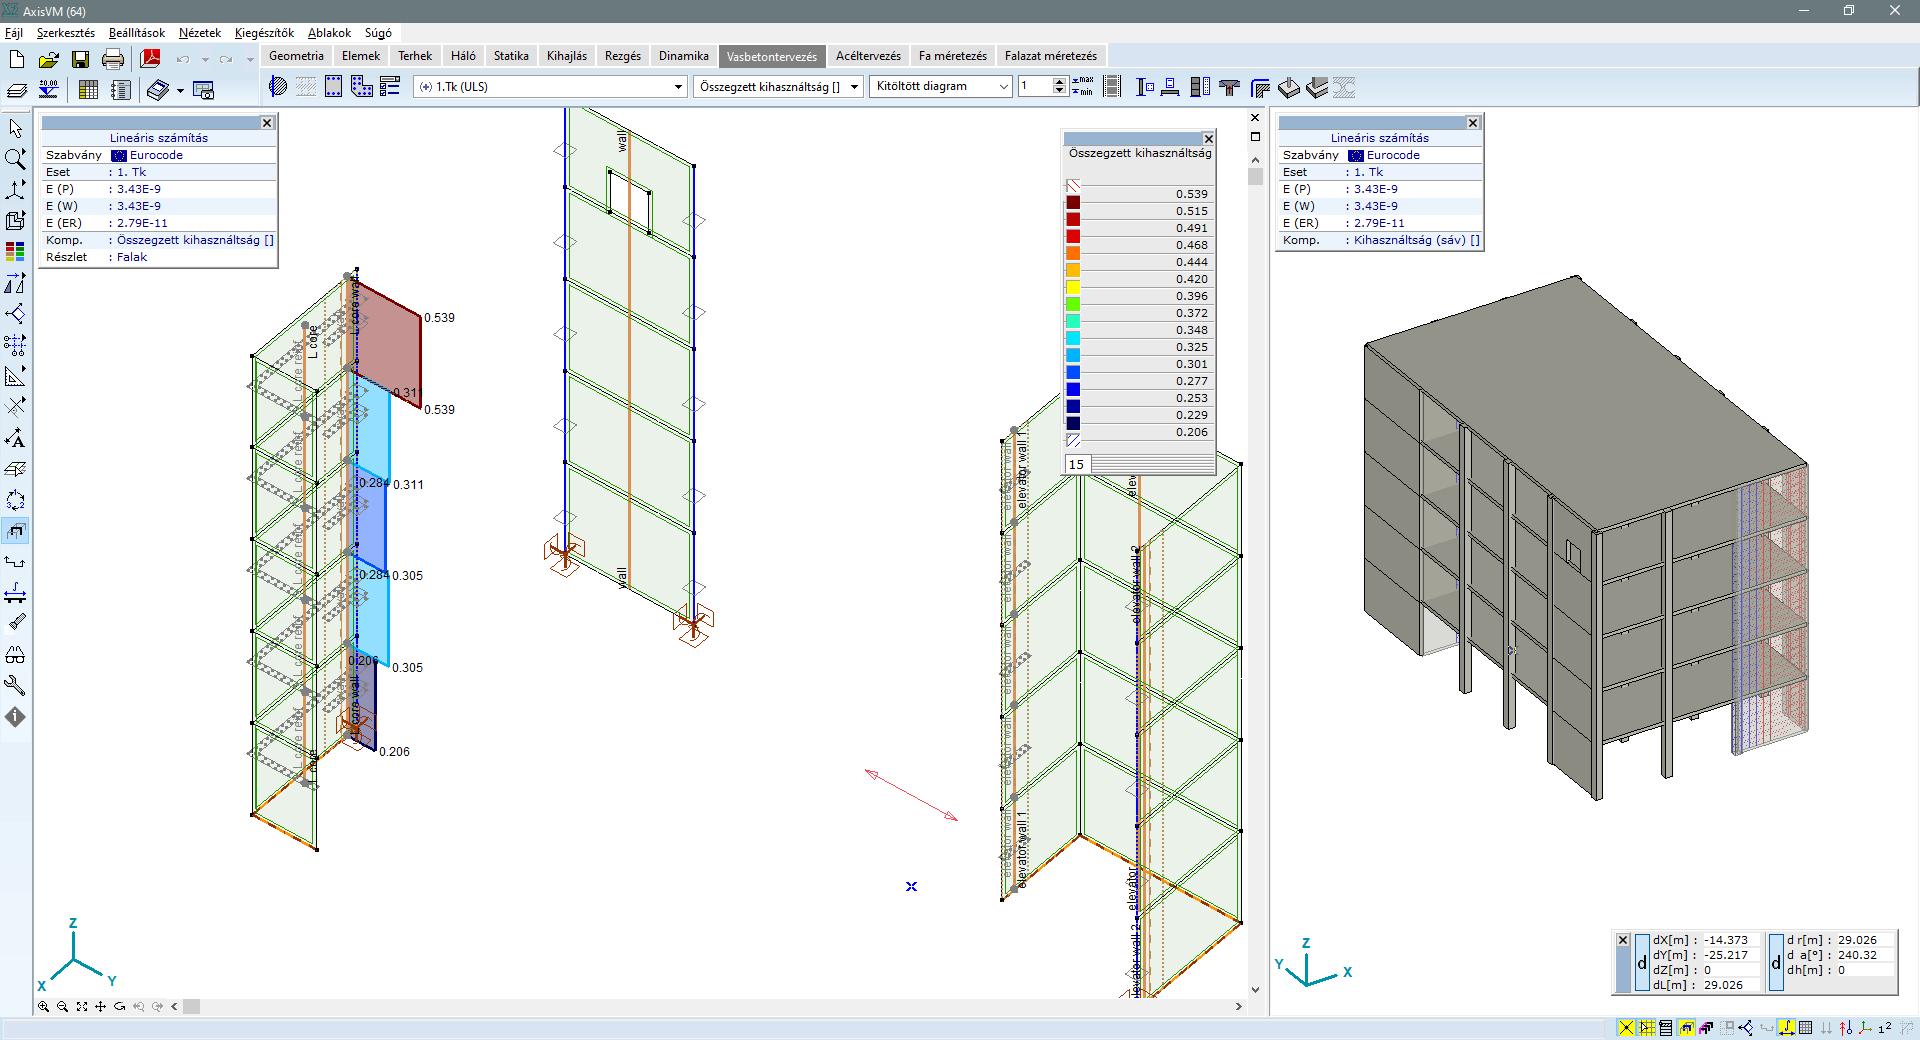 RC5 - összegzett kihasználtság